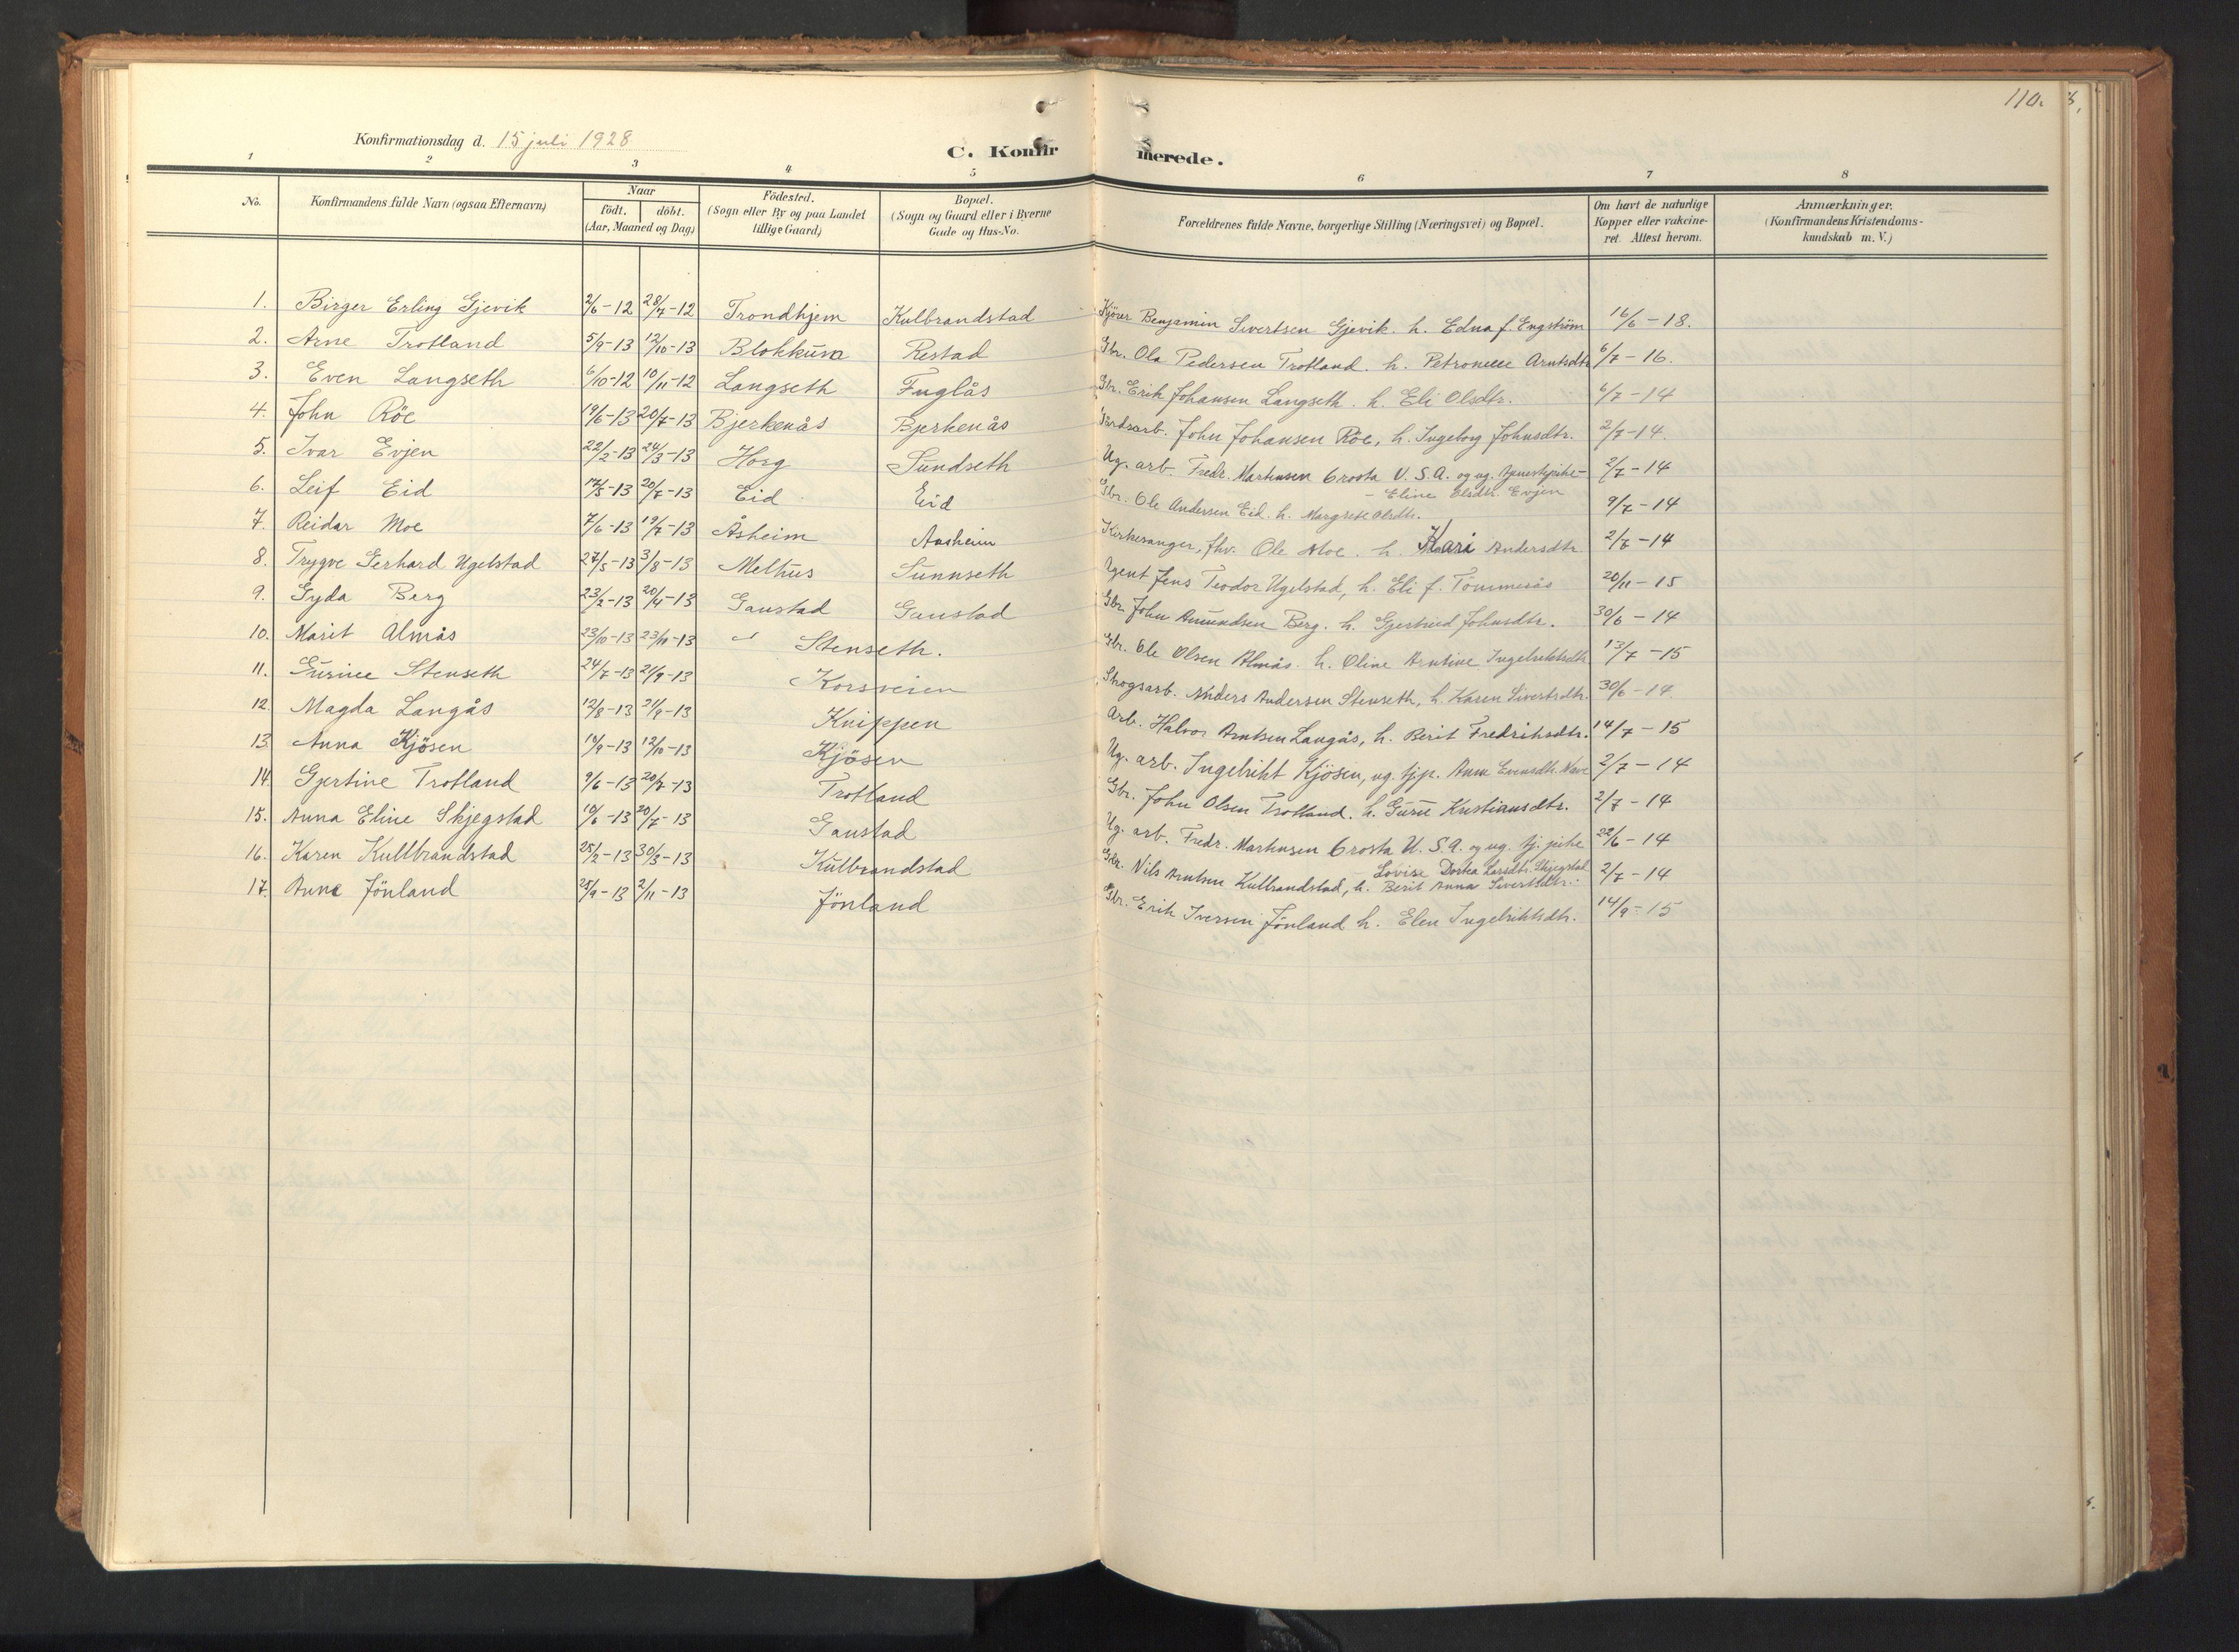 SAT, Ministerialprotokoller, klokkerbøker og fødselsregistre - Sør-Trøndelag, 694/L1128: Ministerialbok nr. 694A02, 1906-1931, s. 110